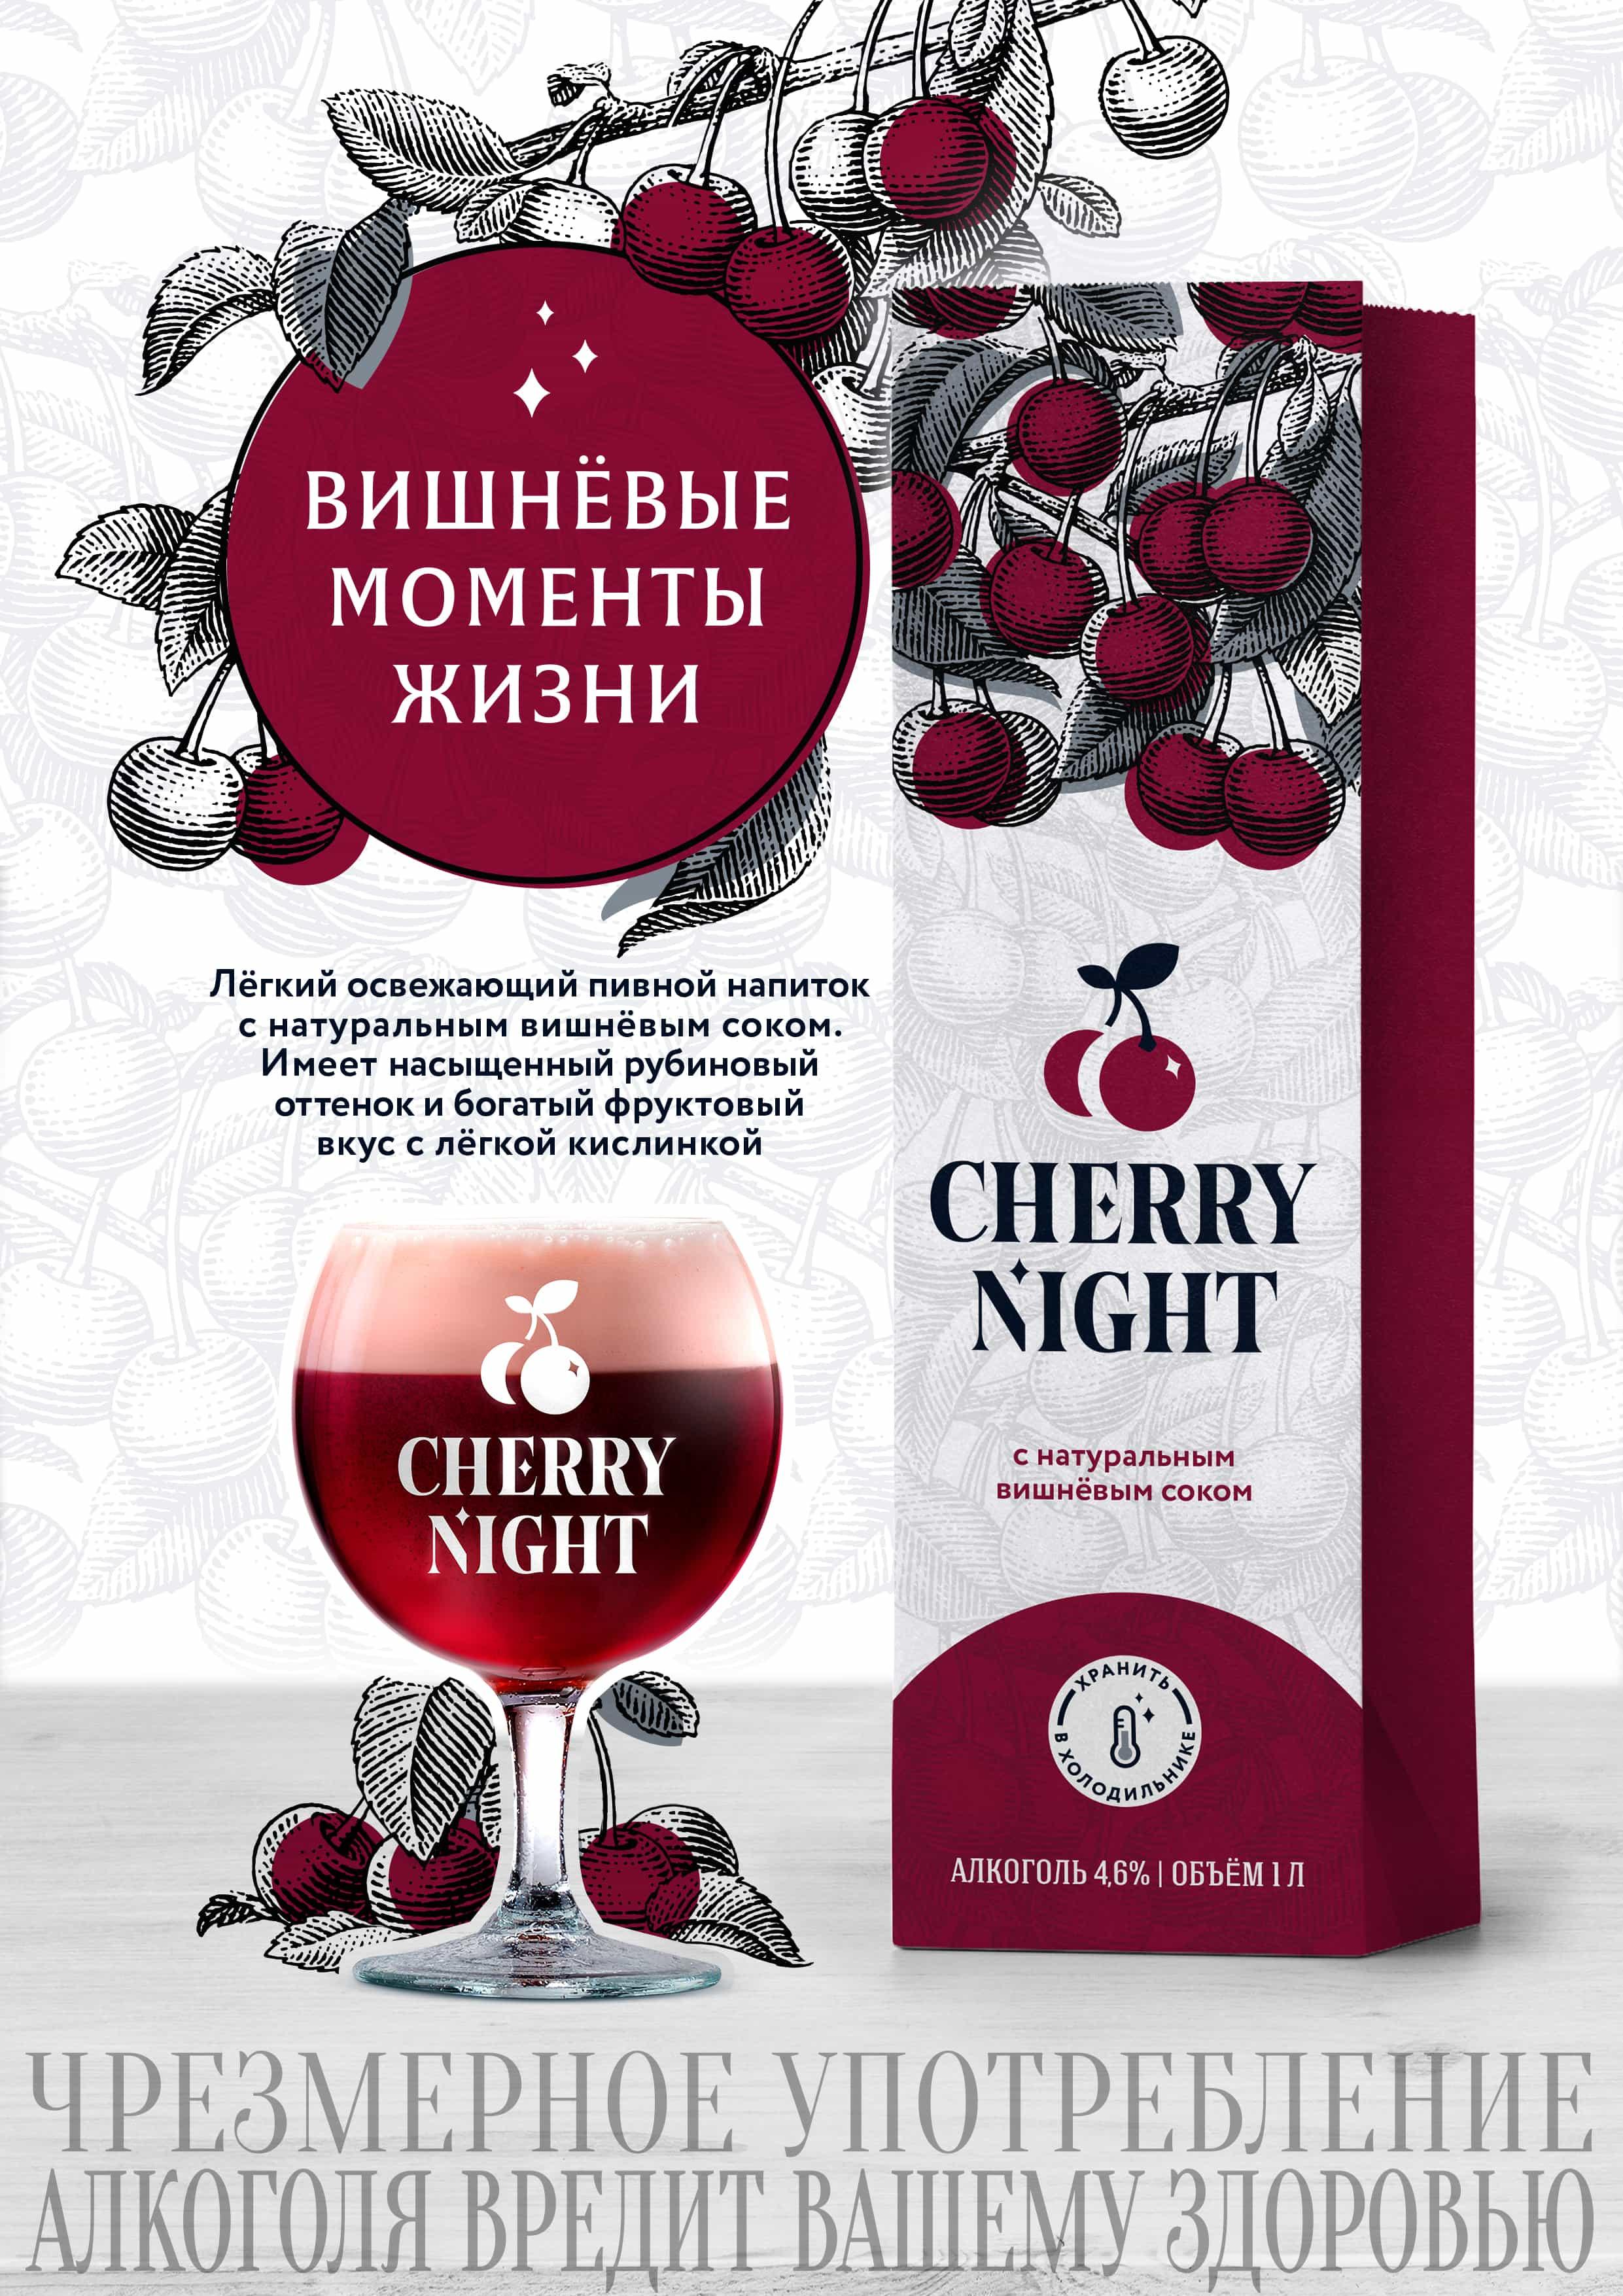 Россия. «Балтика» запустила сорта Cherry Night и Česky Kabanček в формате разливного пива навынос